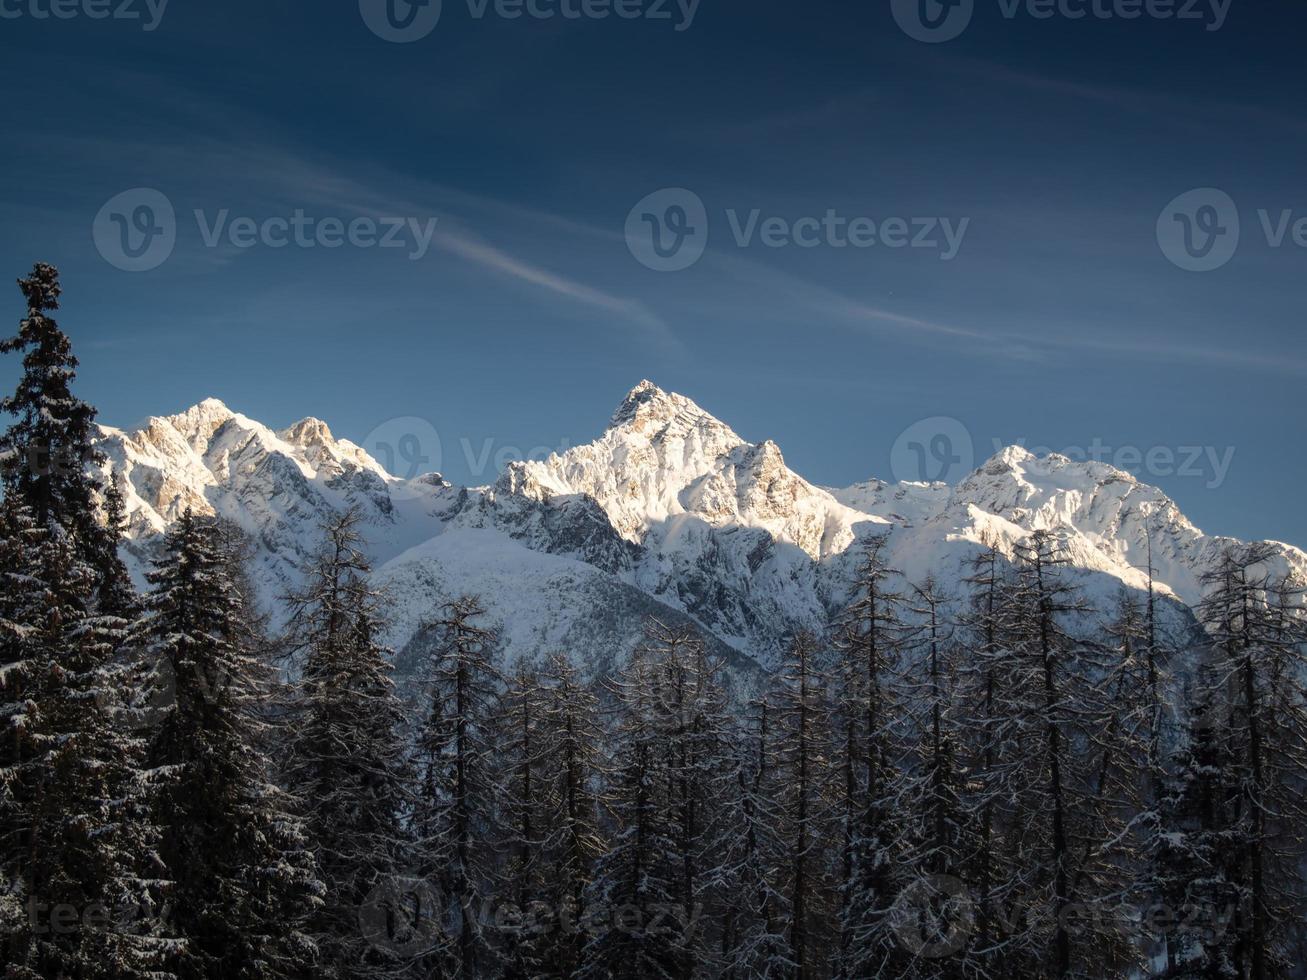 três picos cobertos de neve, Alpes suíços, Engadine, Suíça foto